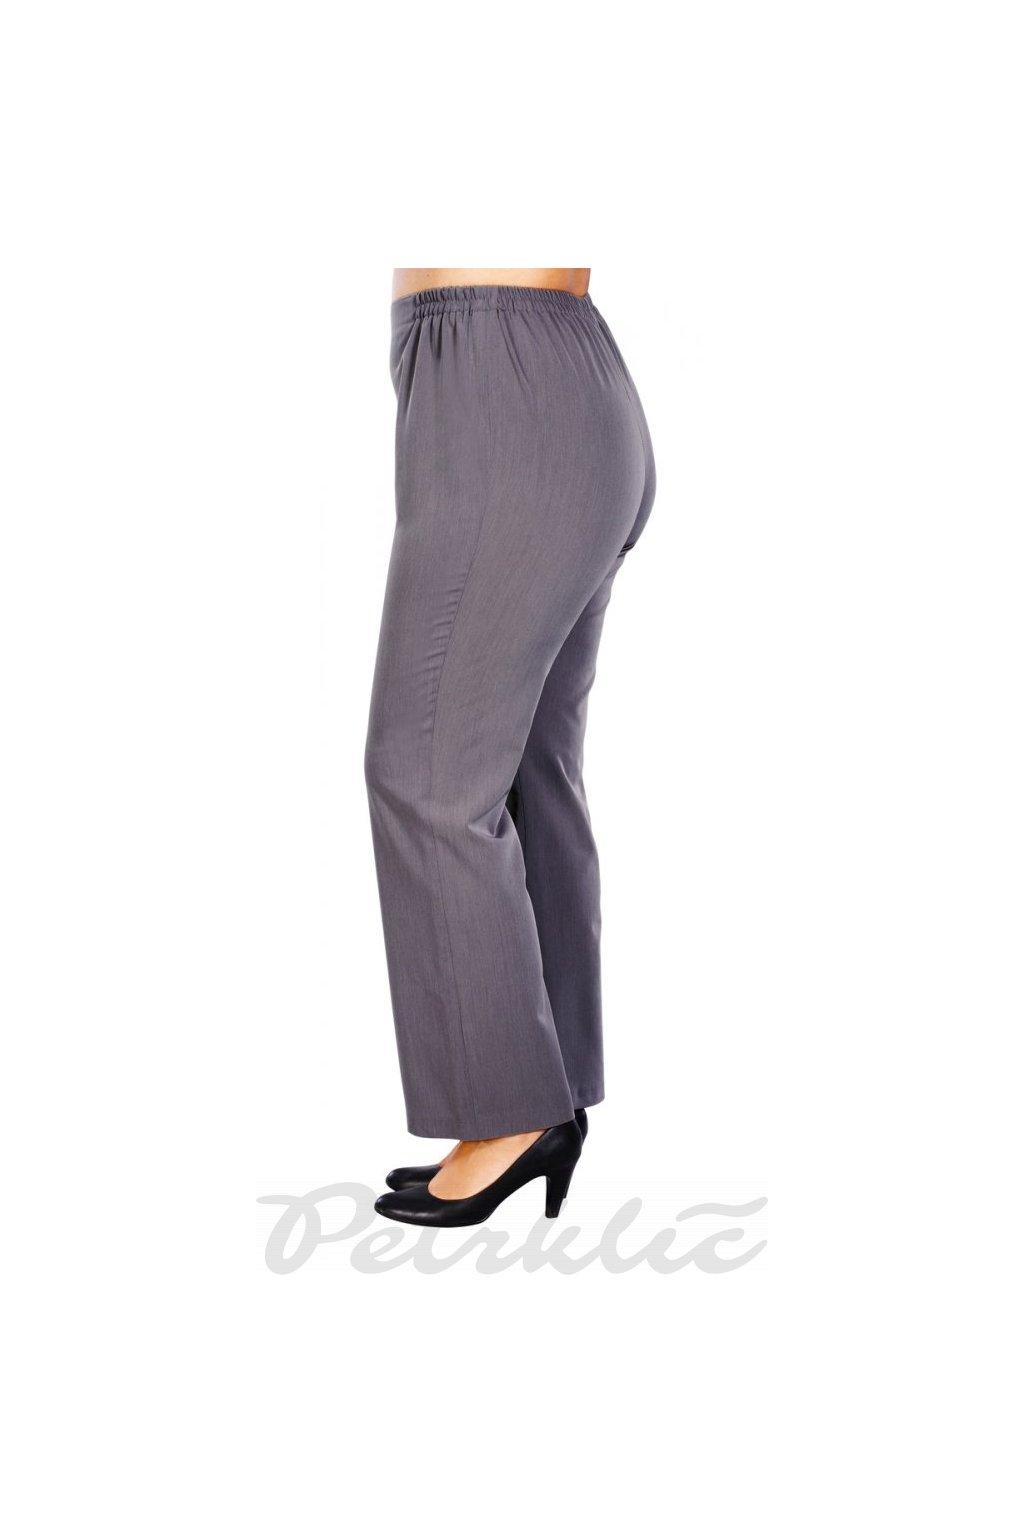 BETA - kalhoty vnitřní délka 74 cm